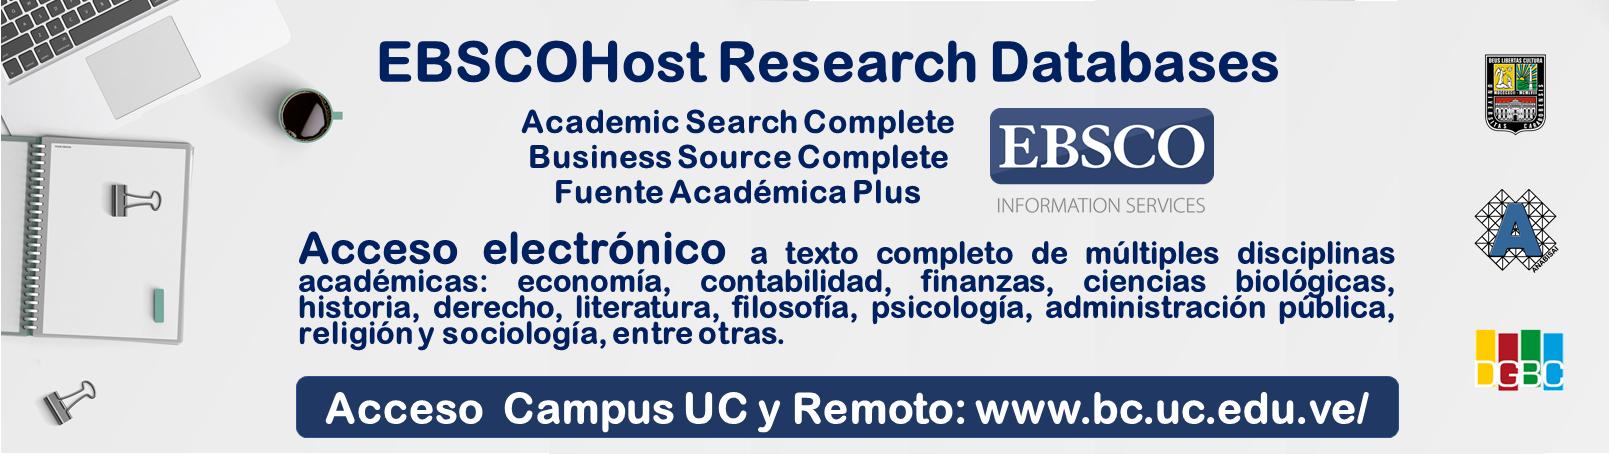 Plataforma EbscoHost  (Acceso desde el Campus UC y vía remota)